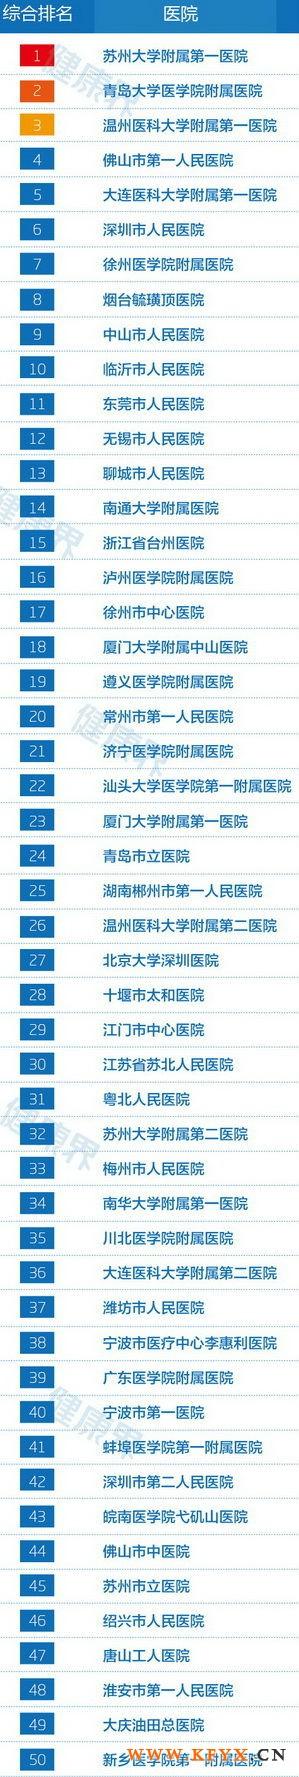 2013中国地级市医院竞争力百强排行榜